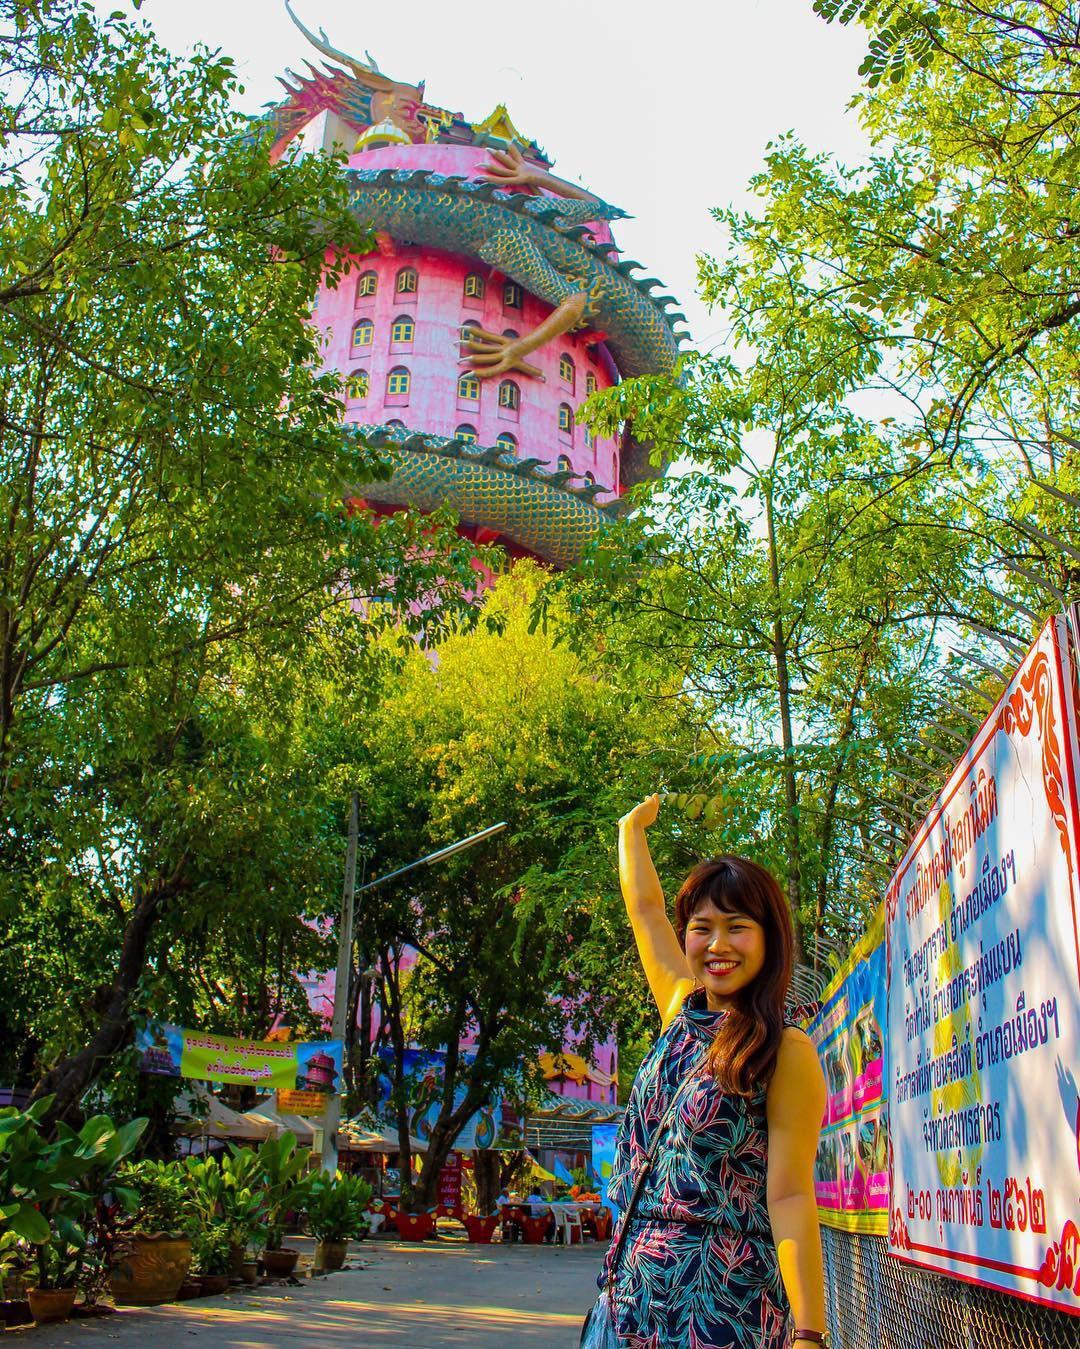 Thoạt nhìn cứ tưởng bối cảnh phim Hollywood nhưng hoá ra ngôi chùa này ở Thái lại hoàn toàn có thật! - Ảnh 9.